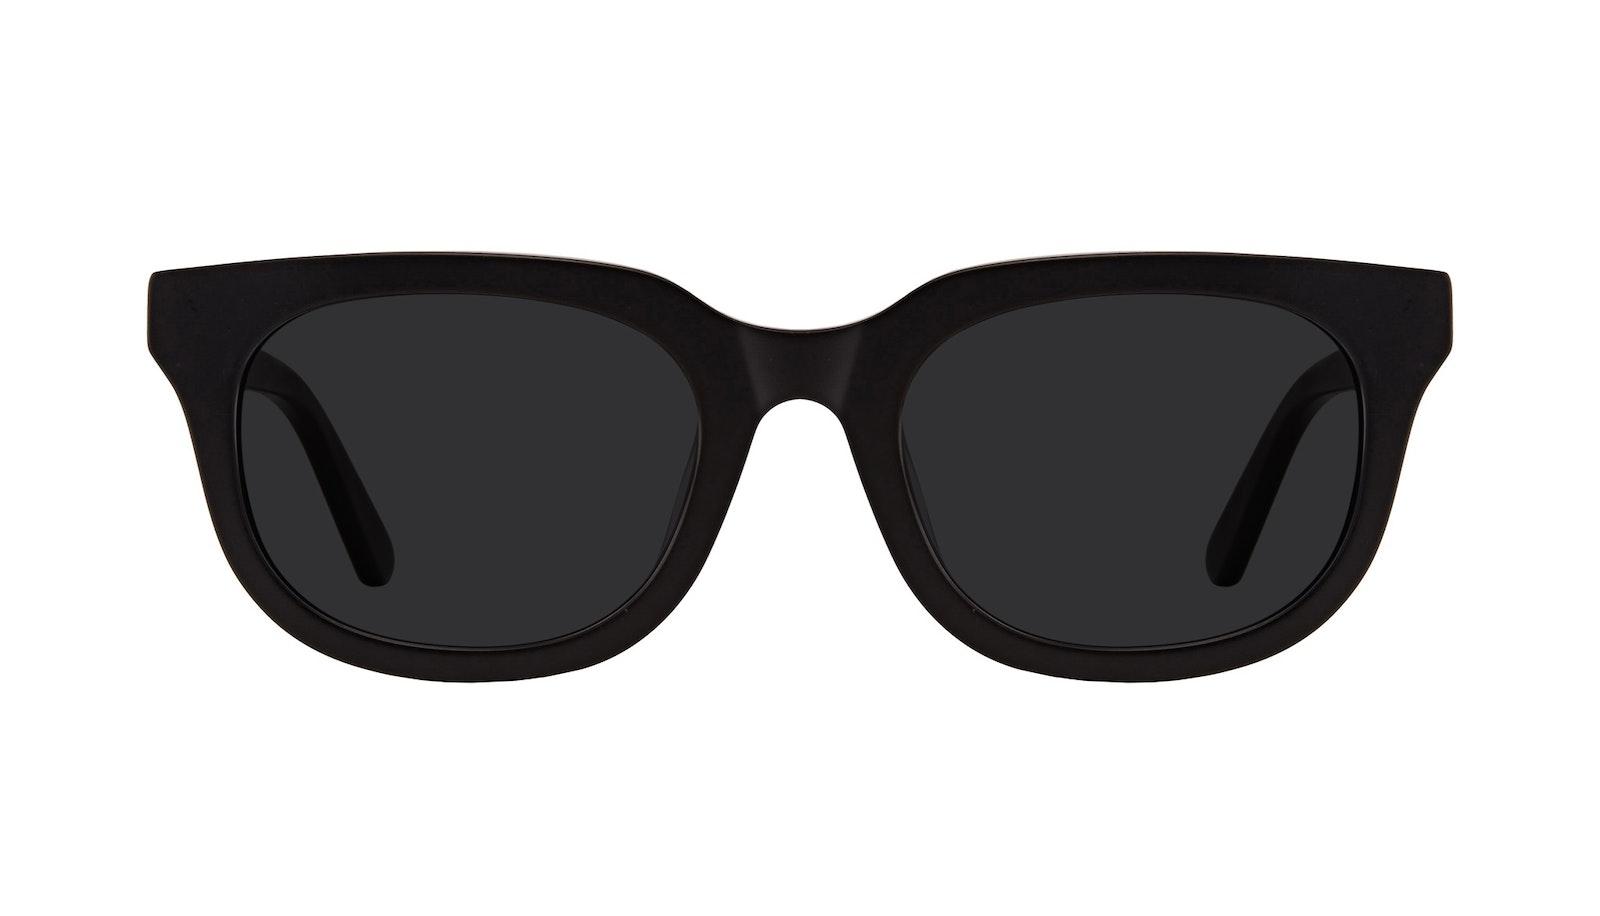 Lunettes tendance Carrée Lunettes de soleil Hommes Stout Matte Black